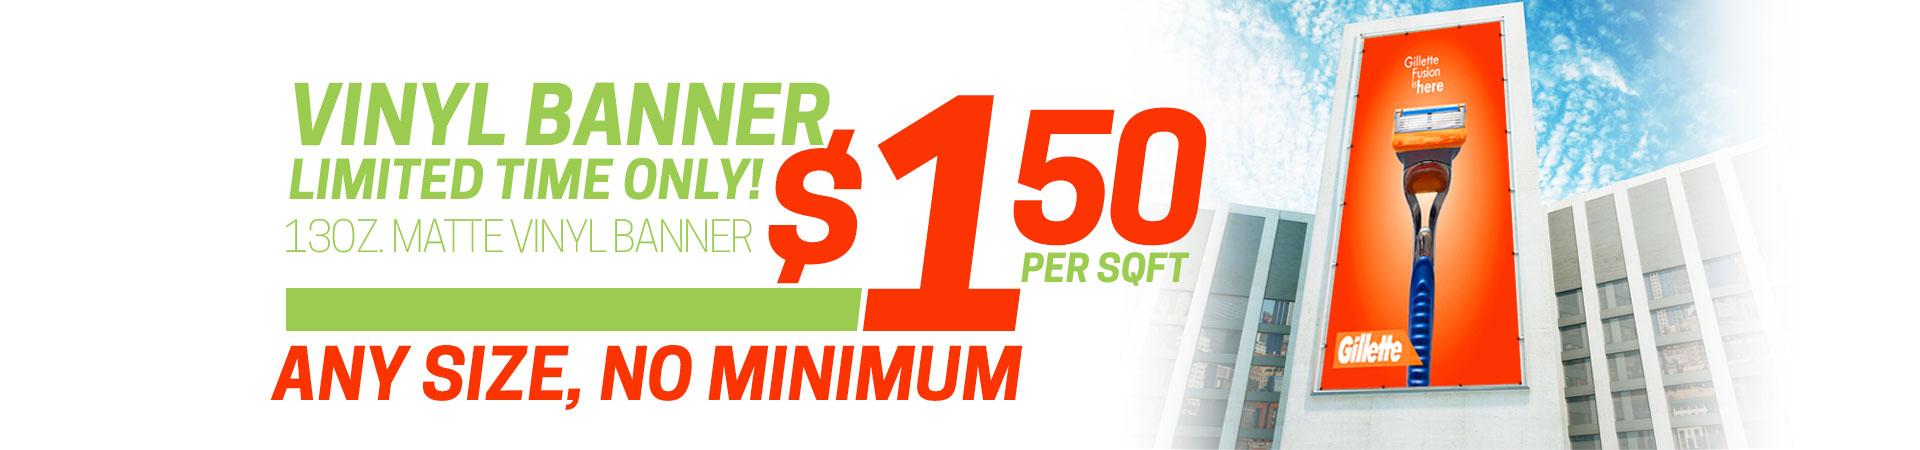 vinyl banner $1.50 per/sqft